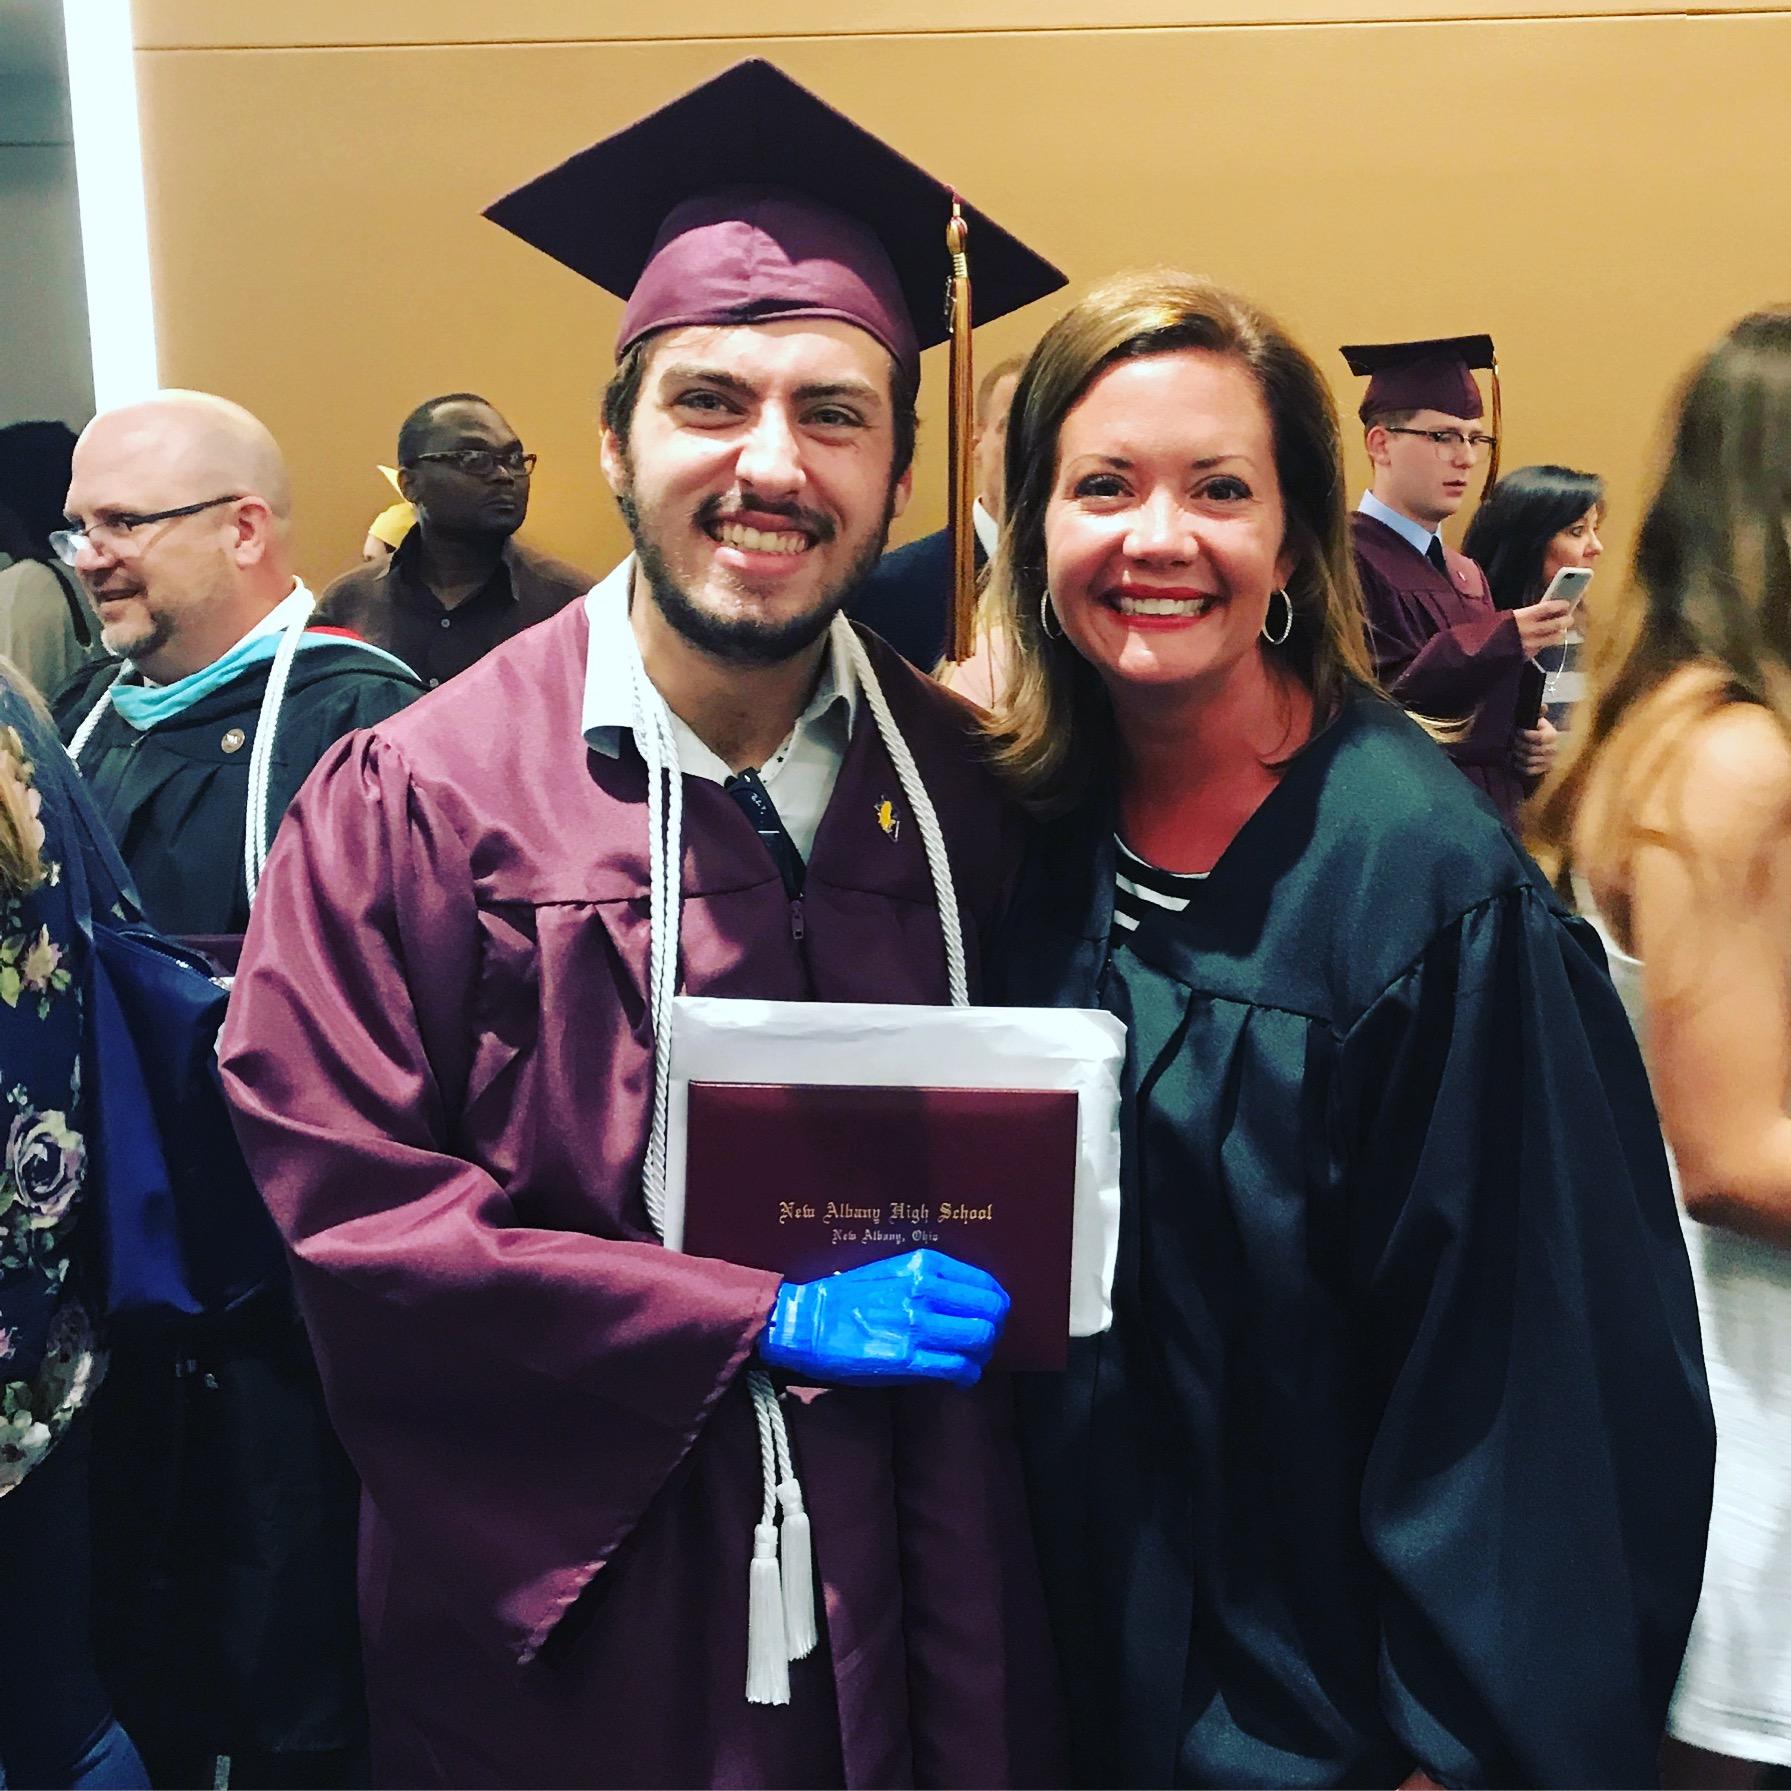 Aaron's High School Graduation